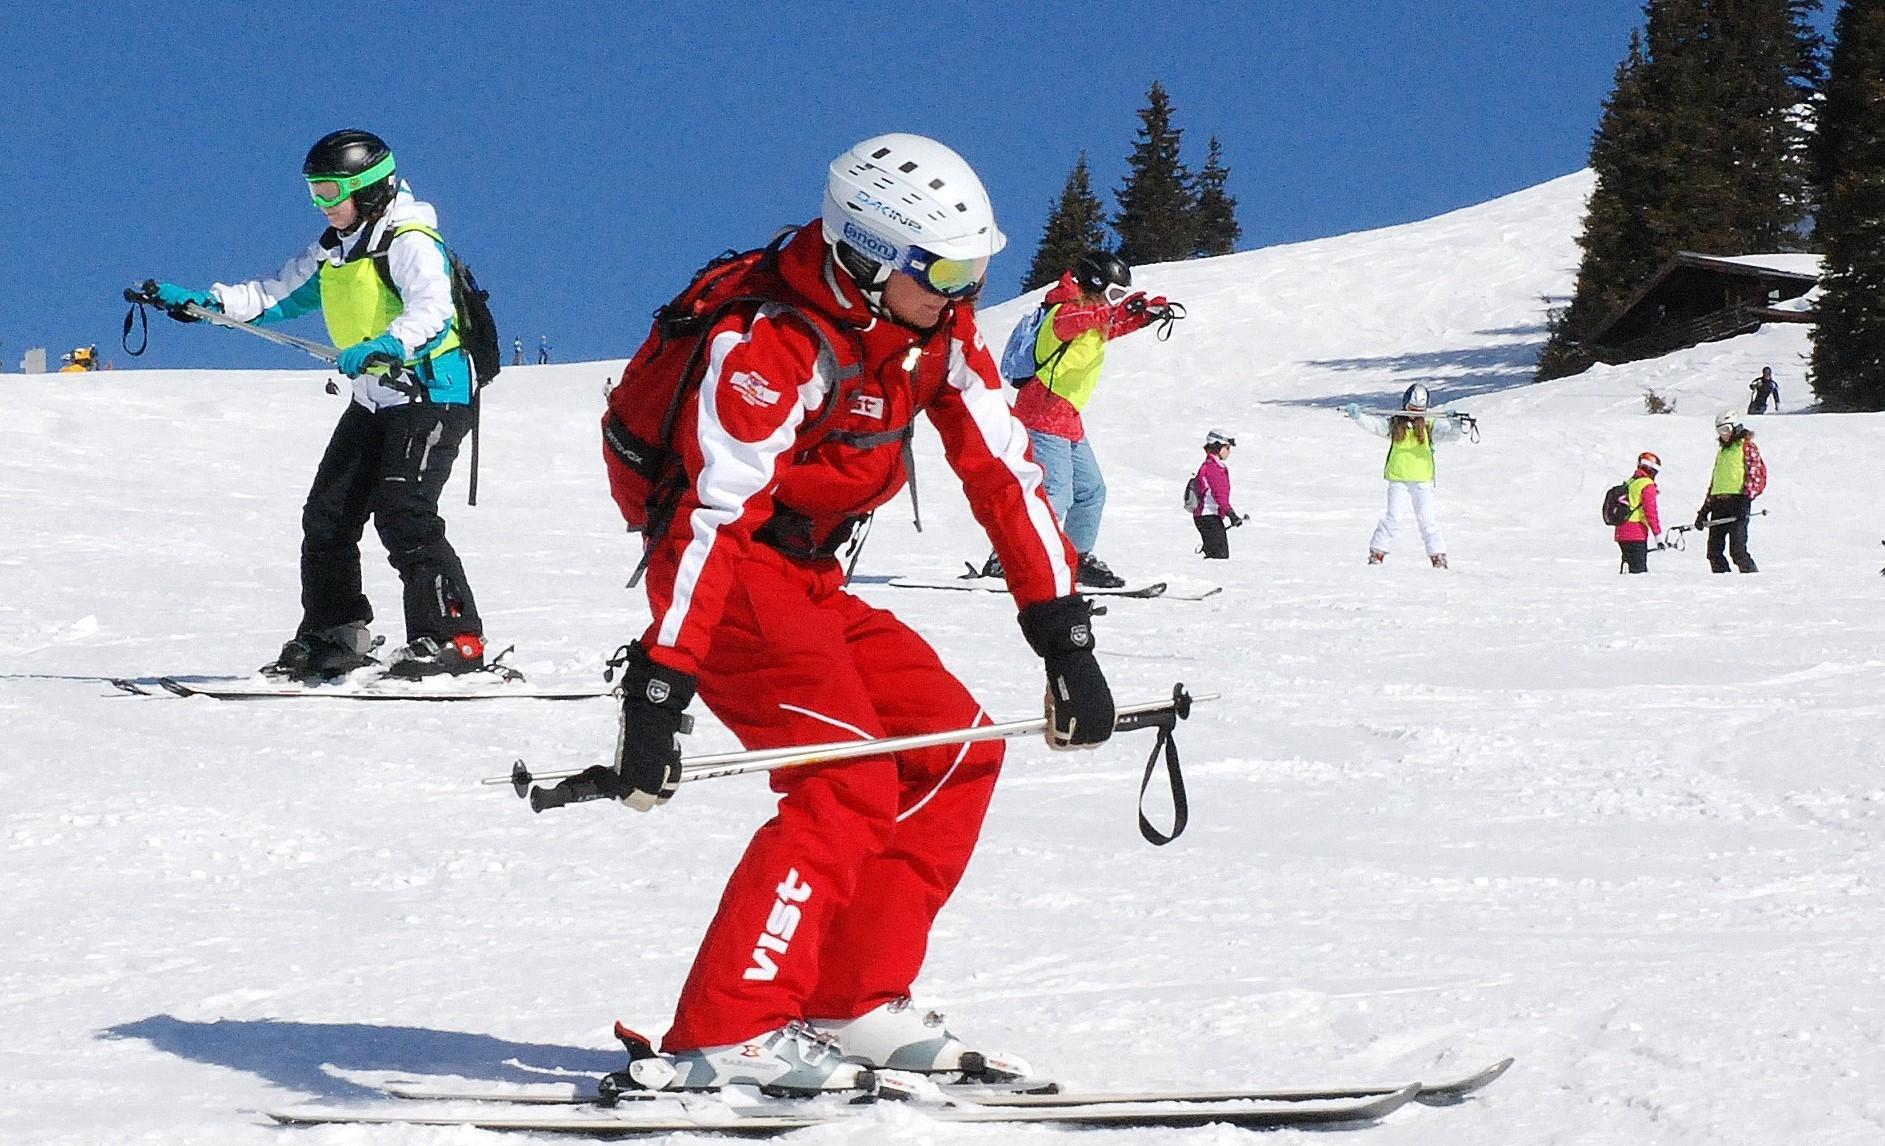 Clases de esquí para adultos para debutantes